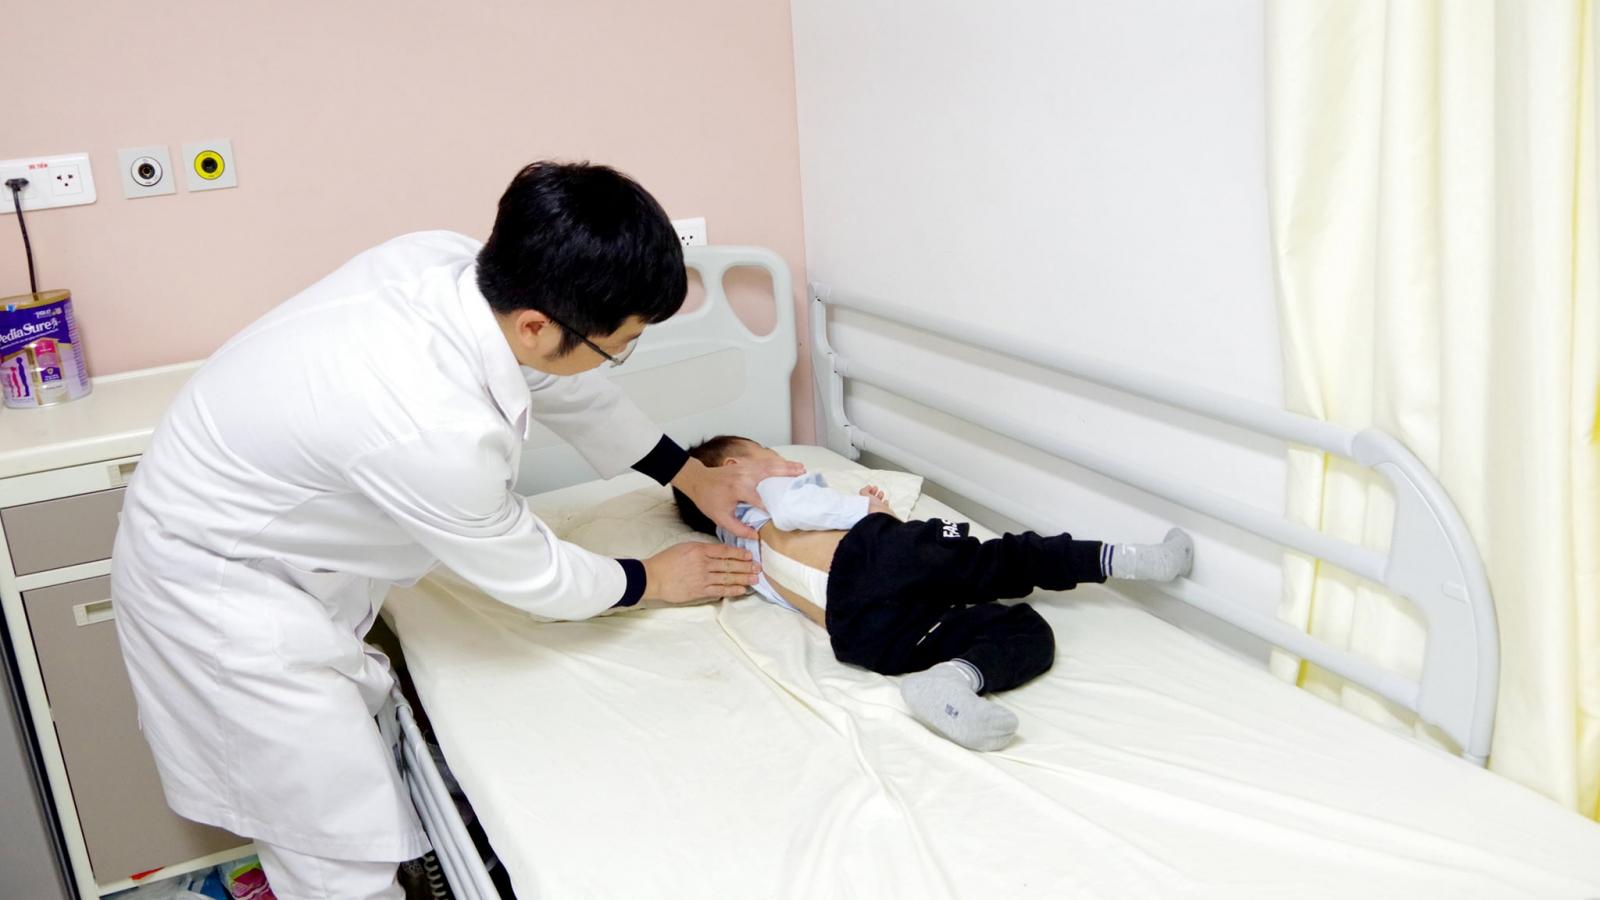 Bé 3 tuổi bị cong vẹo cột sống bẩm sinh được phẫu thuật thành công